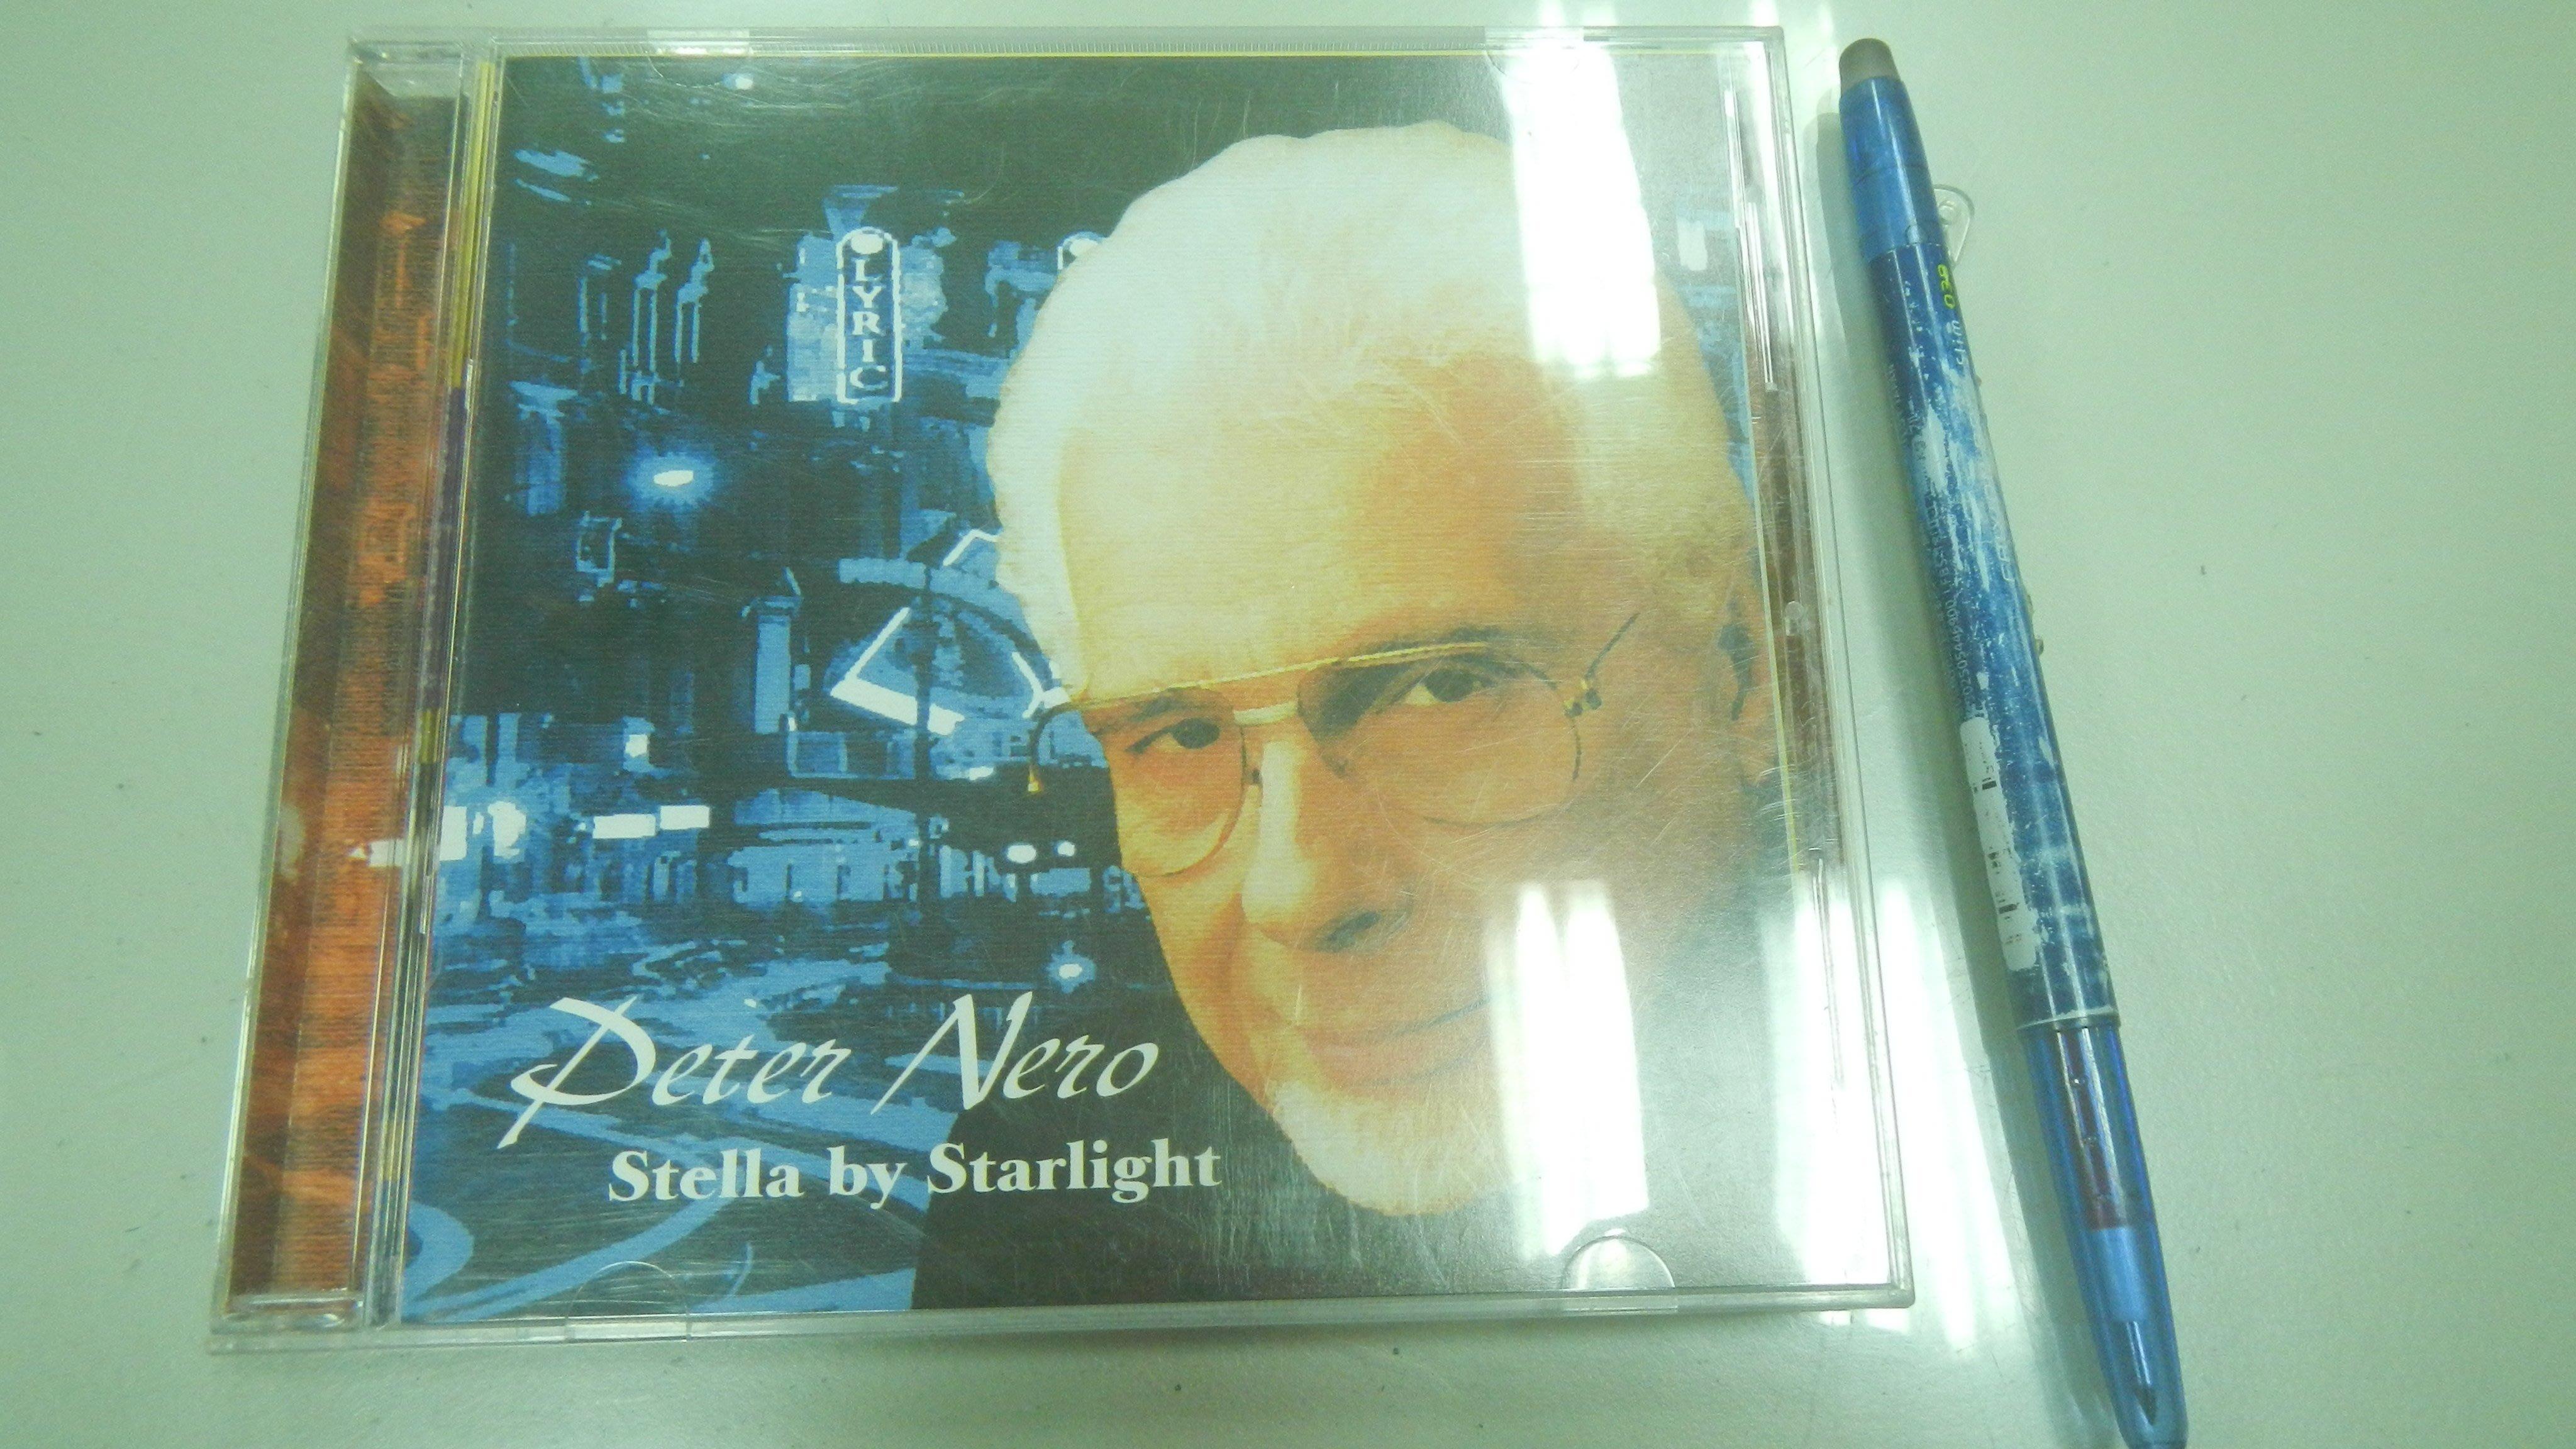 (歡迎詢問價錢)D6-2cd☆1724年出版『Stella By Starlight』PETER NERO《金革》